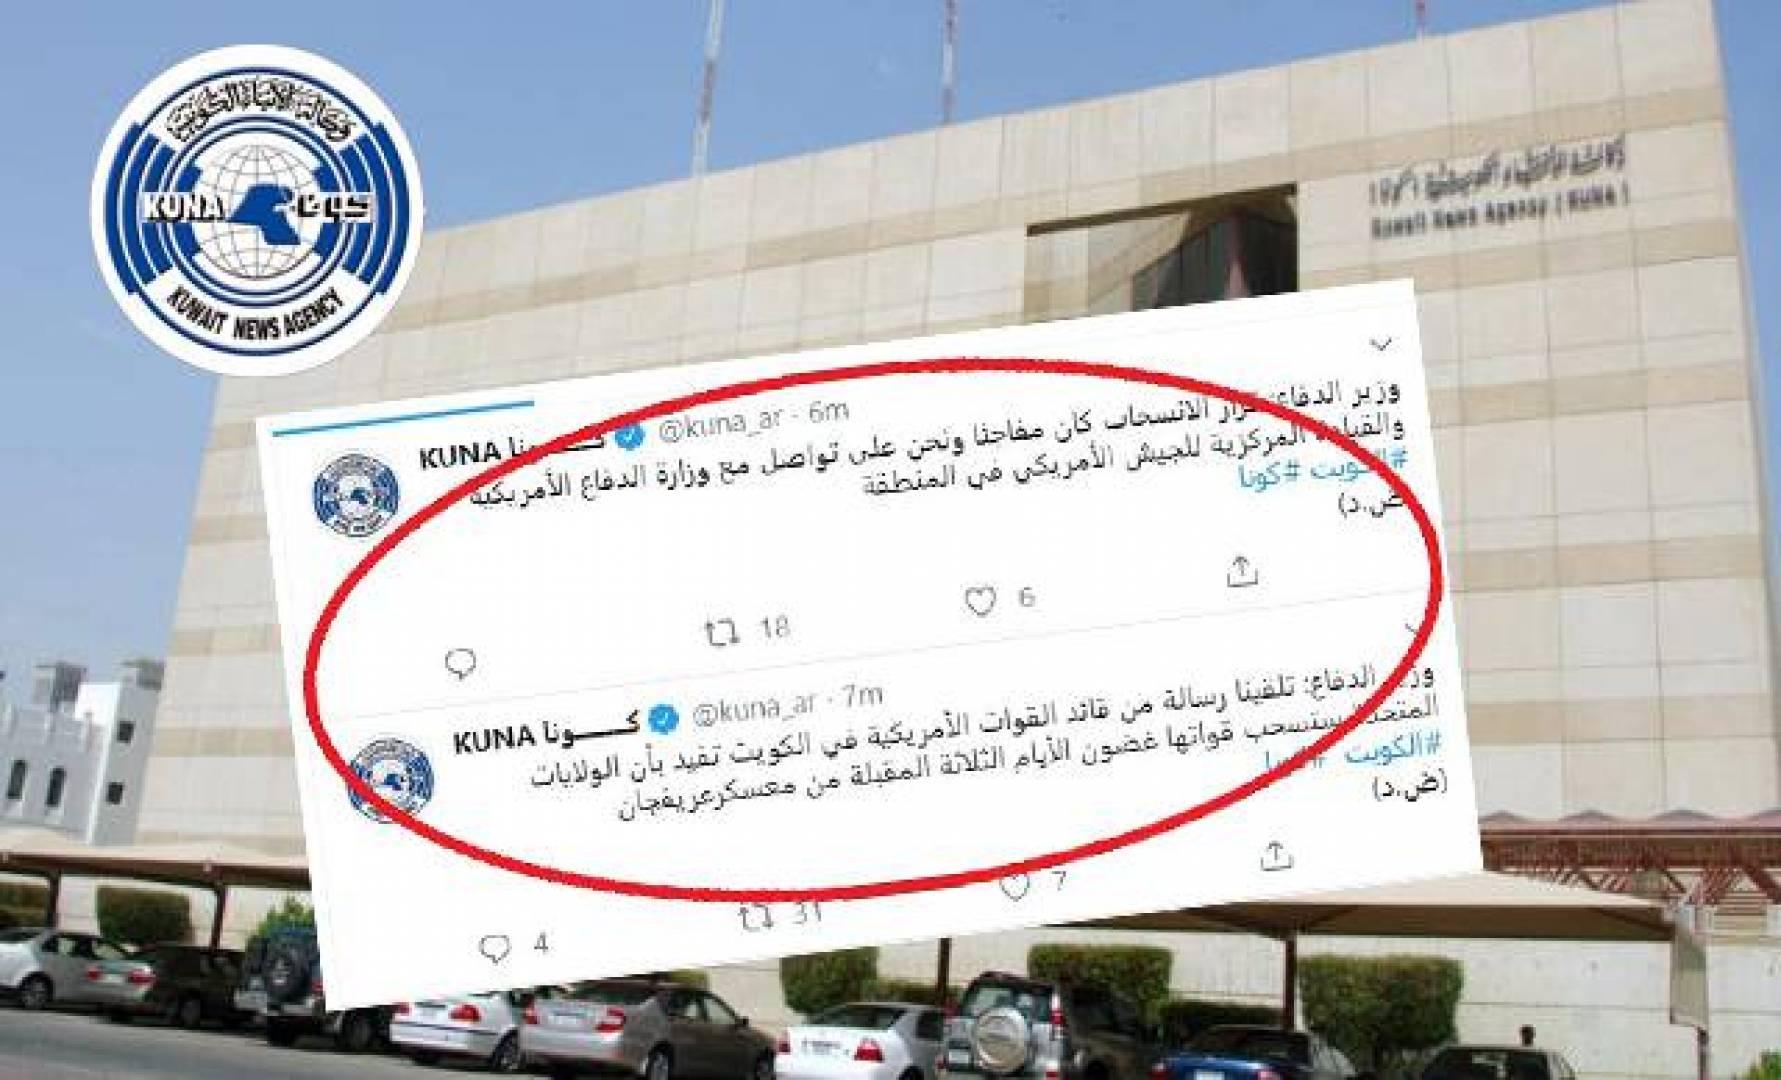 الكويت توضح حقيقة الانسحاب العسكري الأميركي